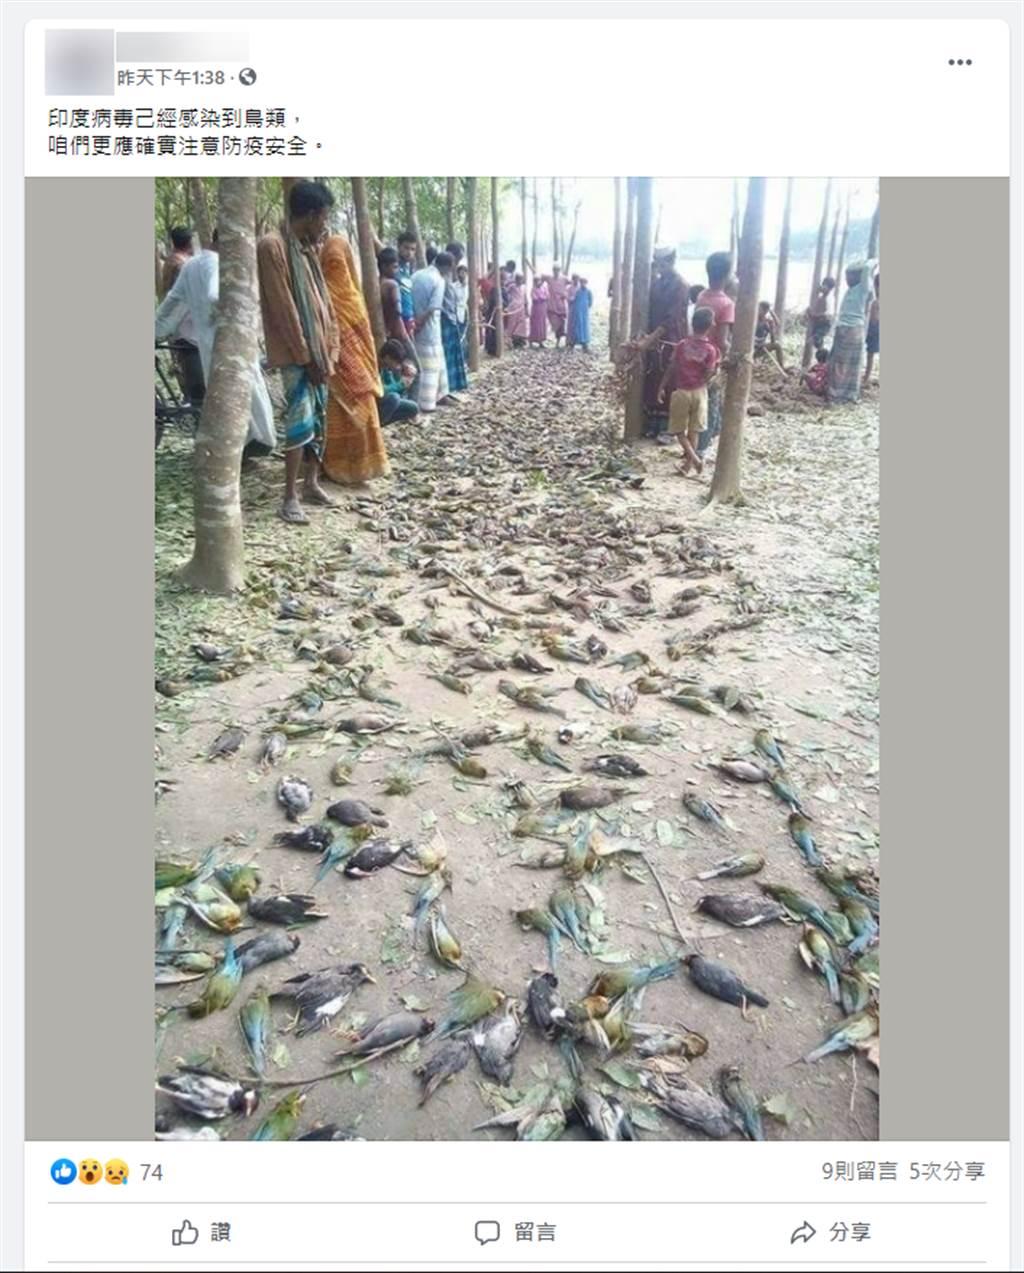 網傳「印度新冠病毒已經感染到鳥類」的鳥屍遍地照,經「台灣事實查核中心」查證後,已知是錯誤訊息,民眾勿以訛傳訛,繼續散播。(圖/社群平台傳言截圖)